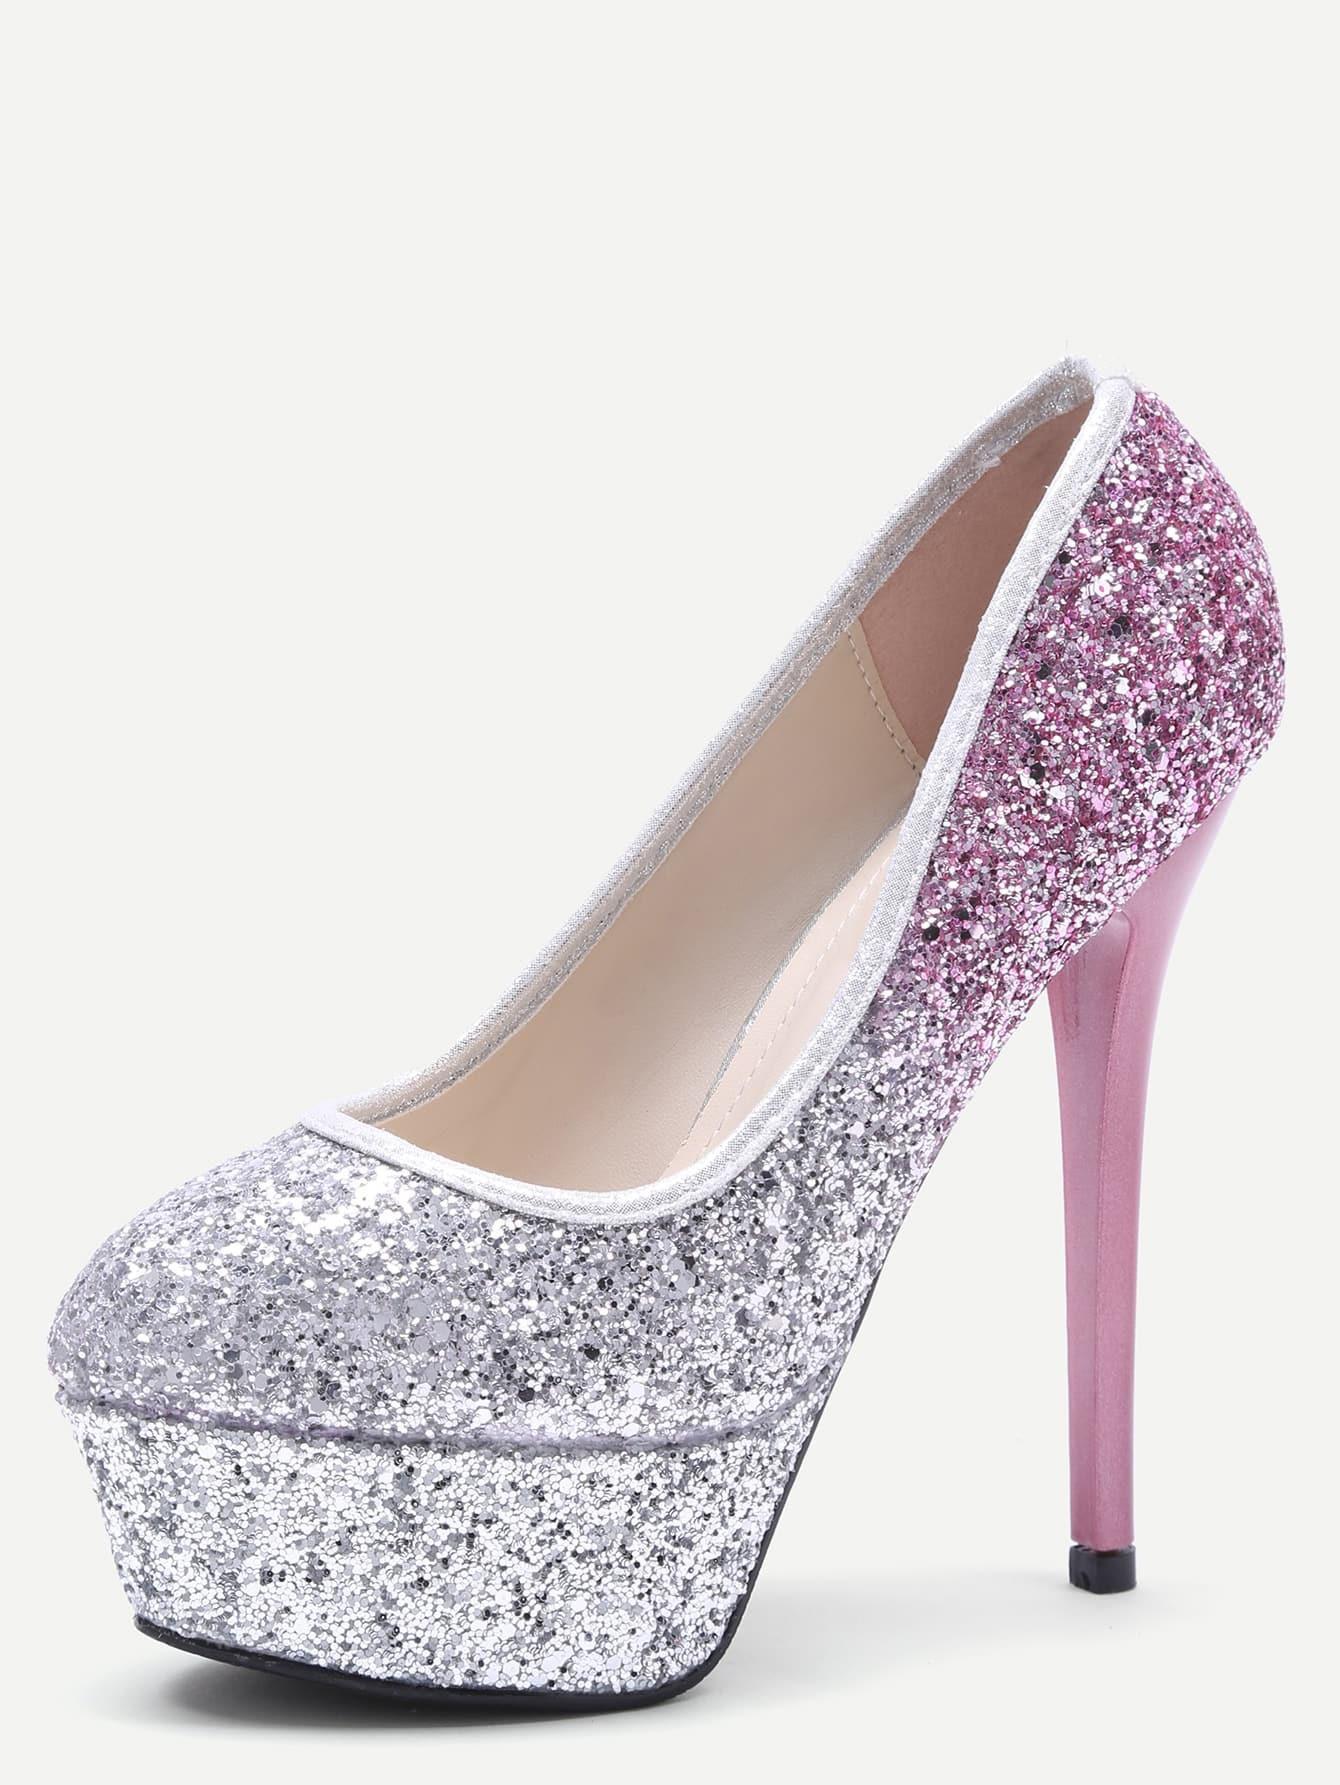 shoes161207807_2